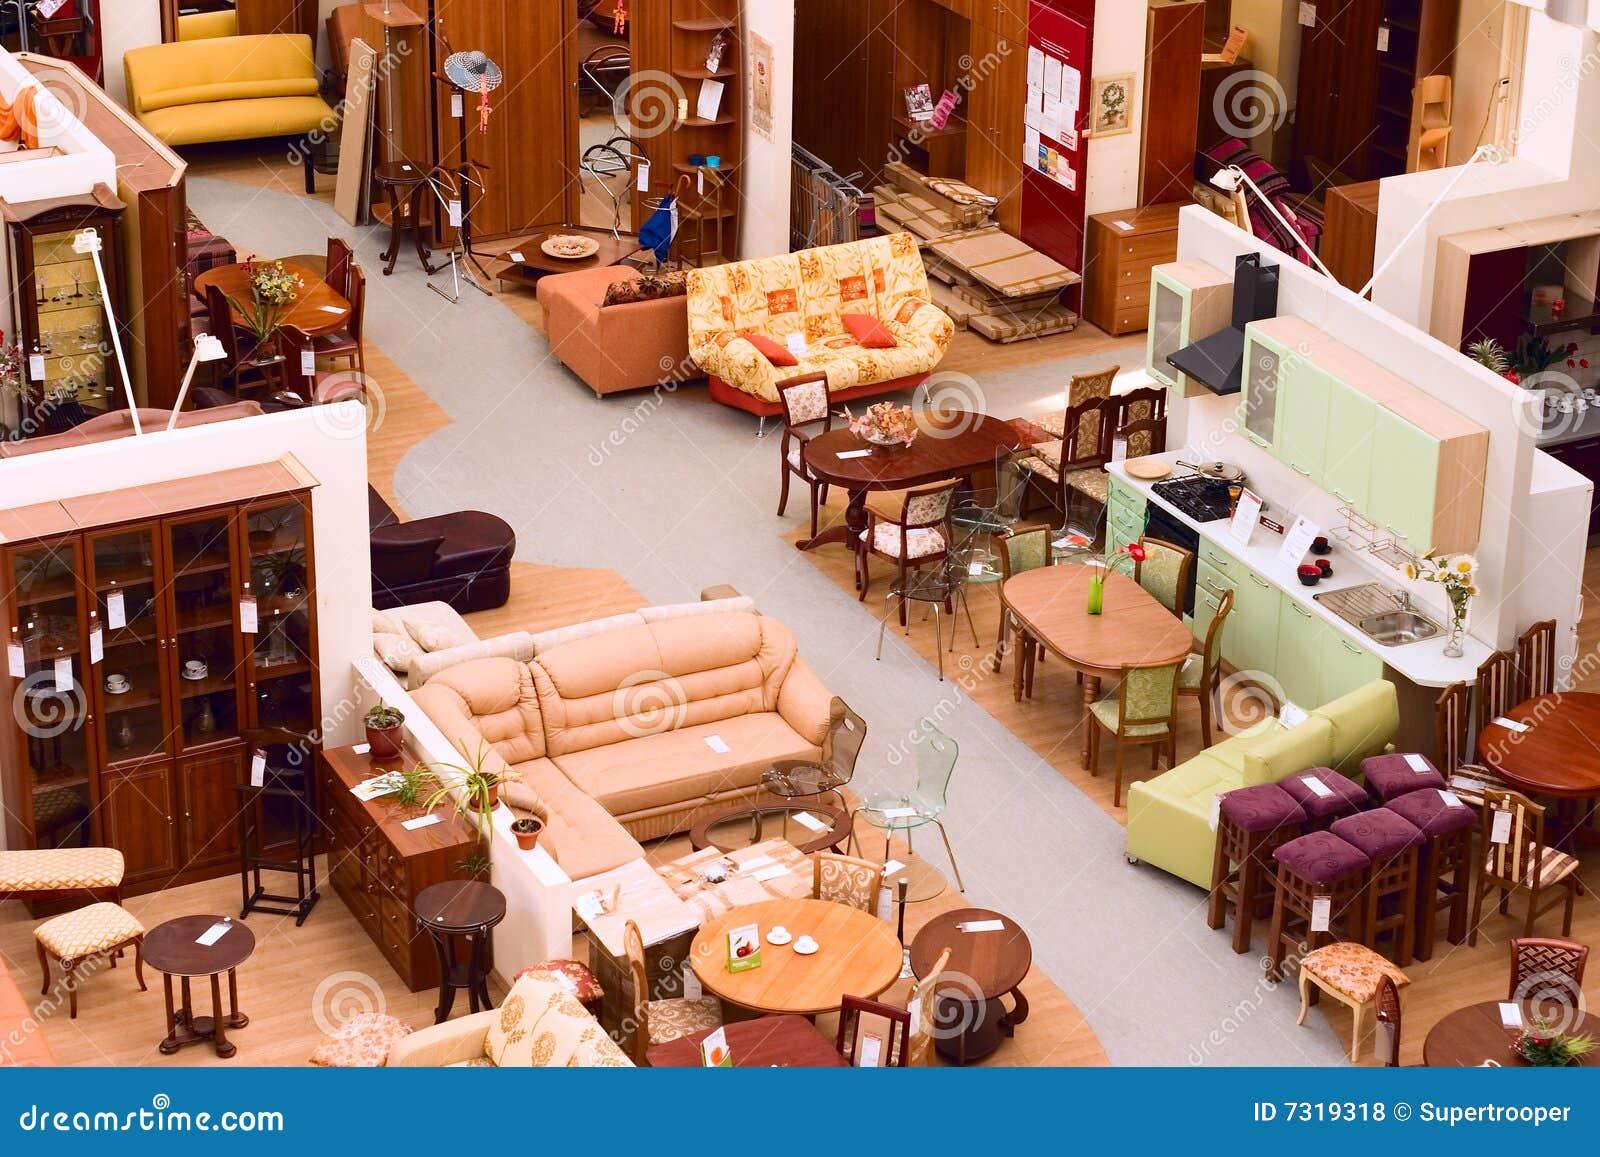 Tienda De Muebles En Cadiz : Tienda de muebles en jerez great